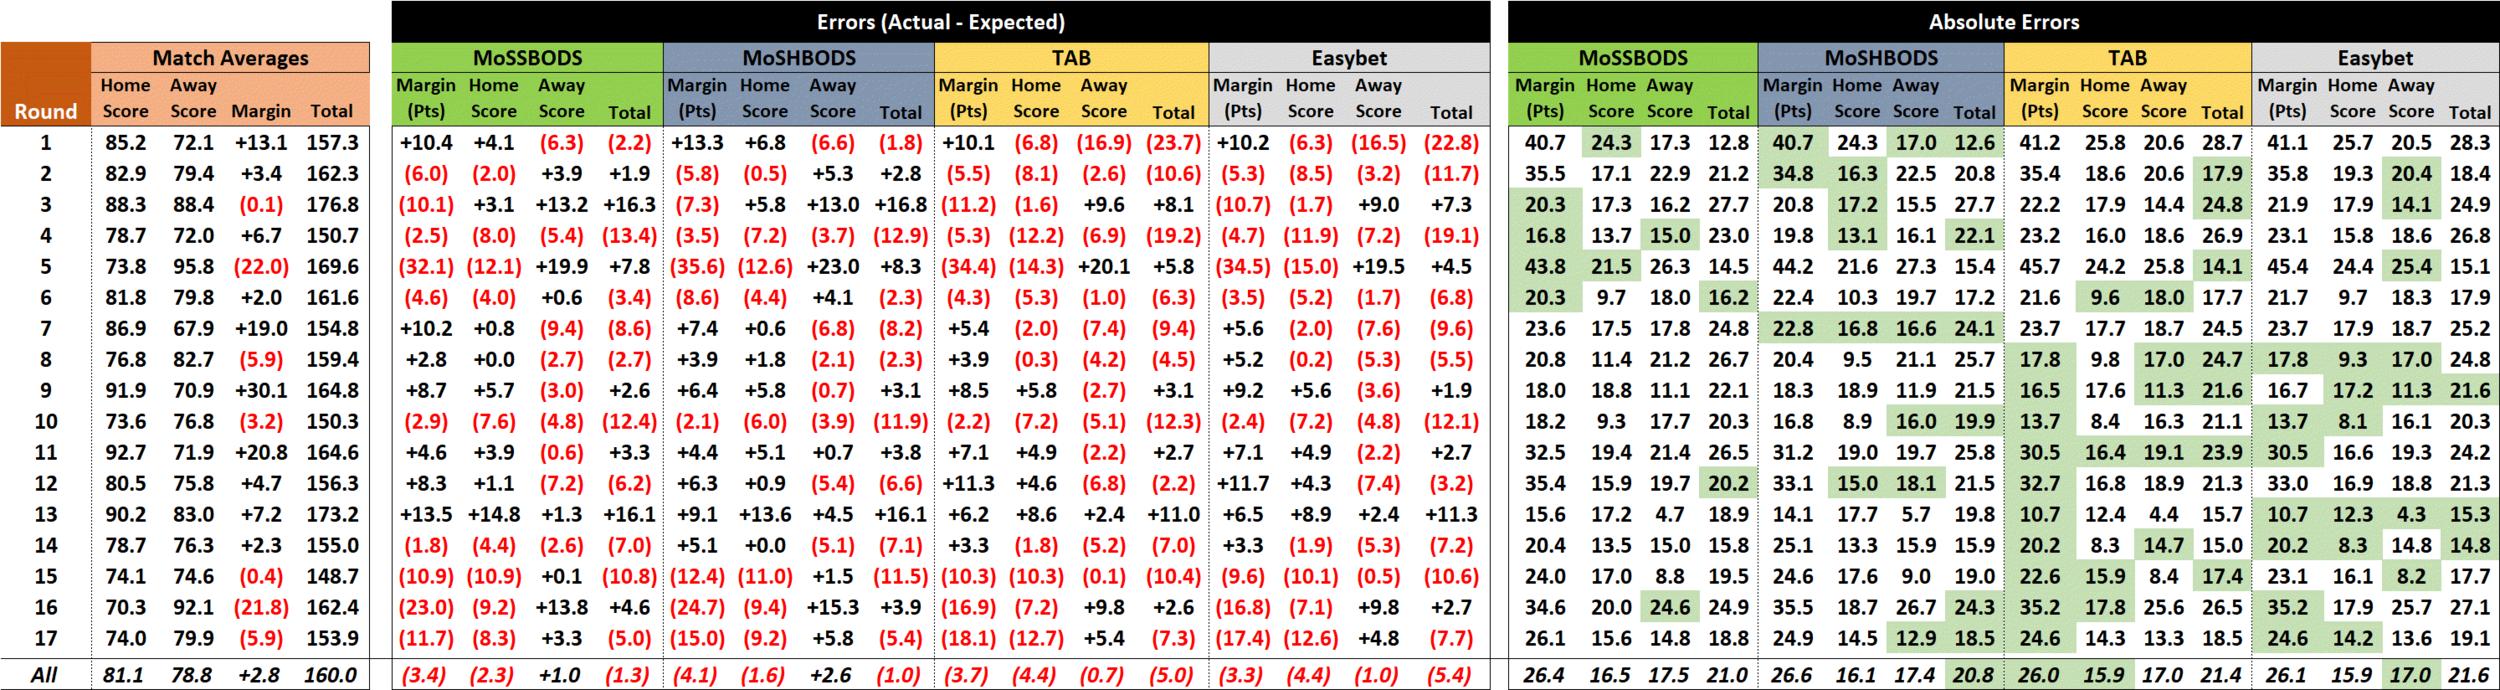 R18 - Score Performances.png